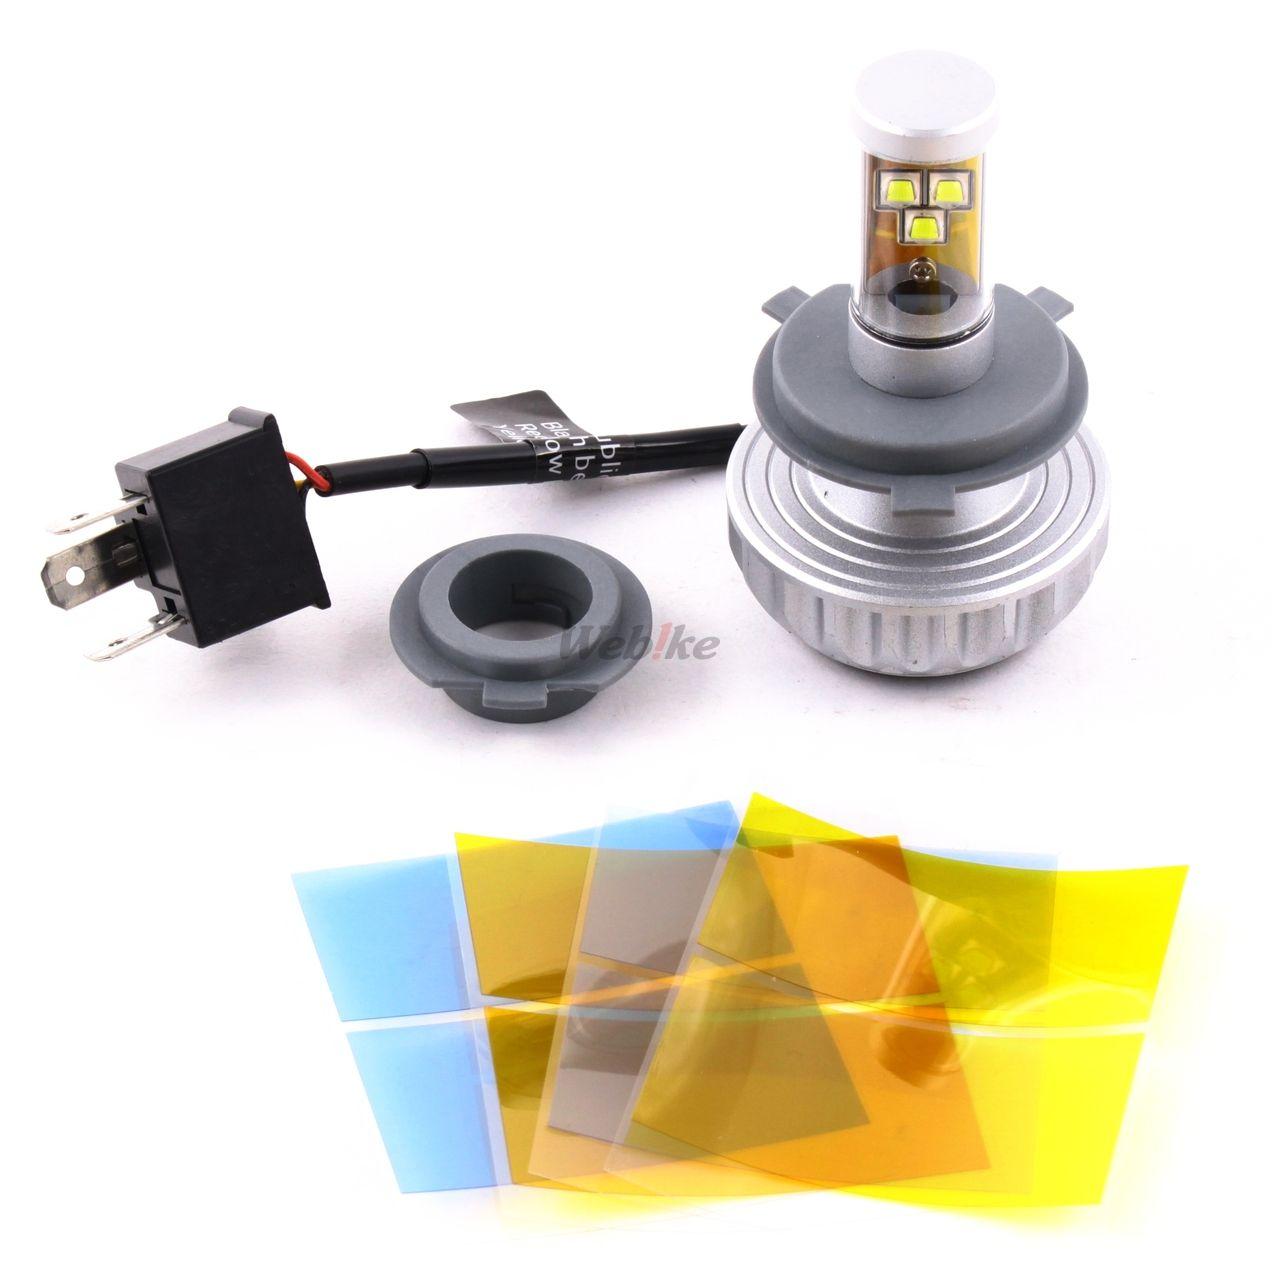 IMPACT バイク用LEDヘッドライト H4用 各種バルブ (IM-LED-008) の商品ページ